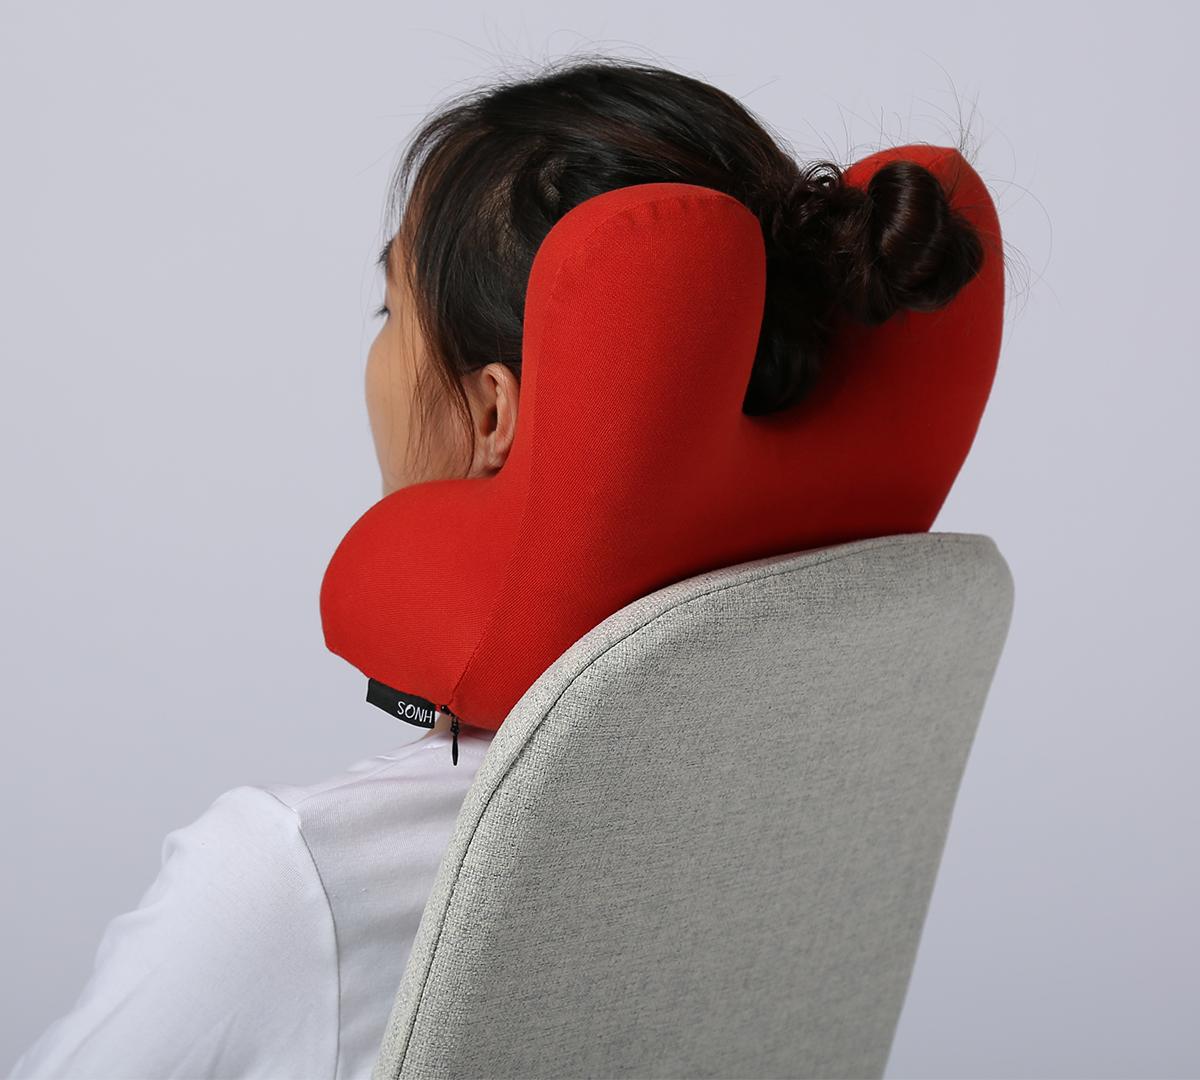 首の頸椎から後頭部へのS字カーブに沿って、頭を自然な角度で支える|ソファピロー